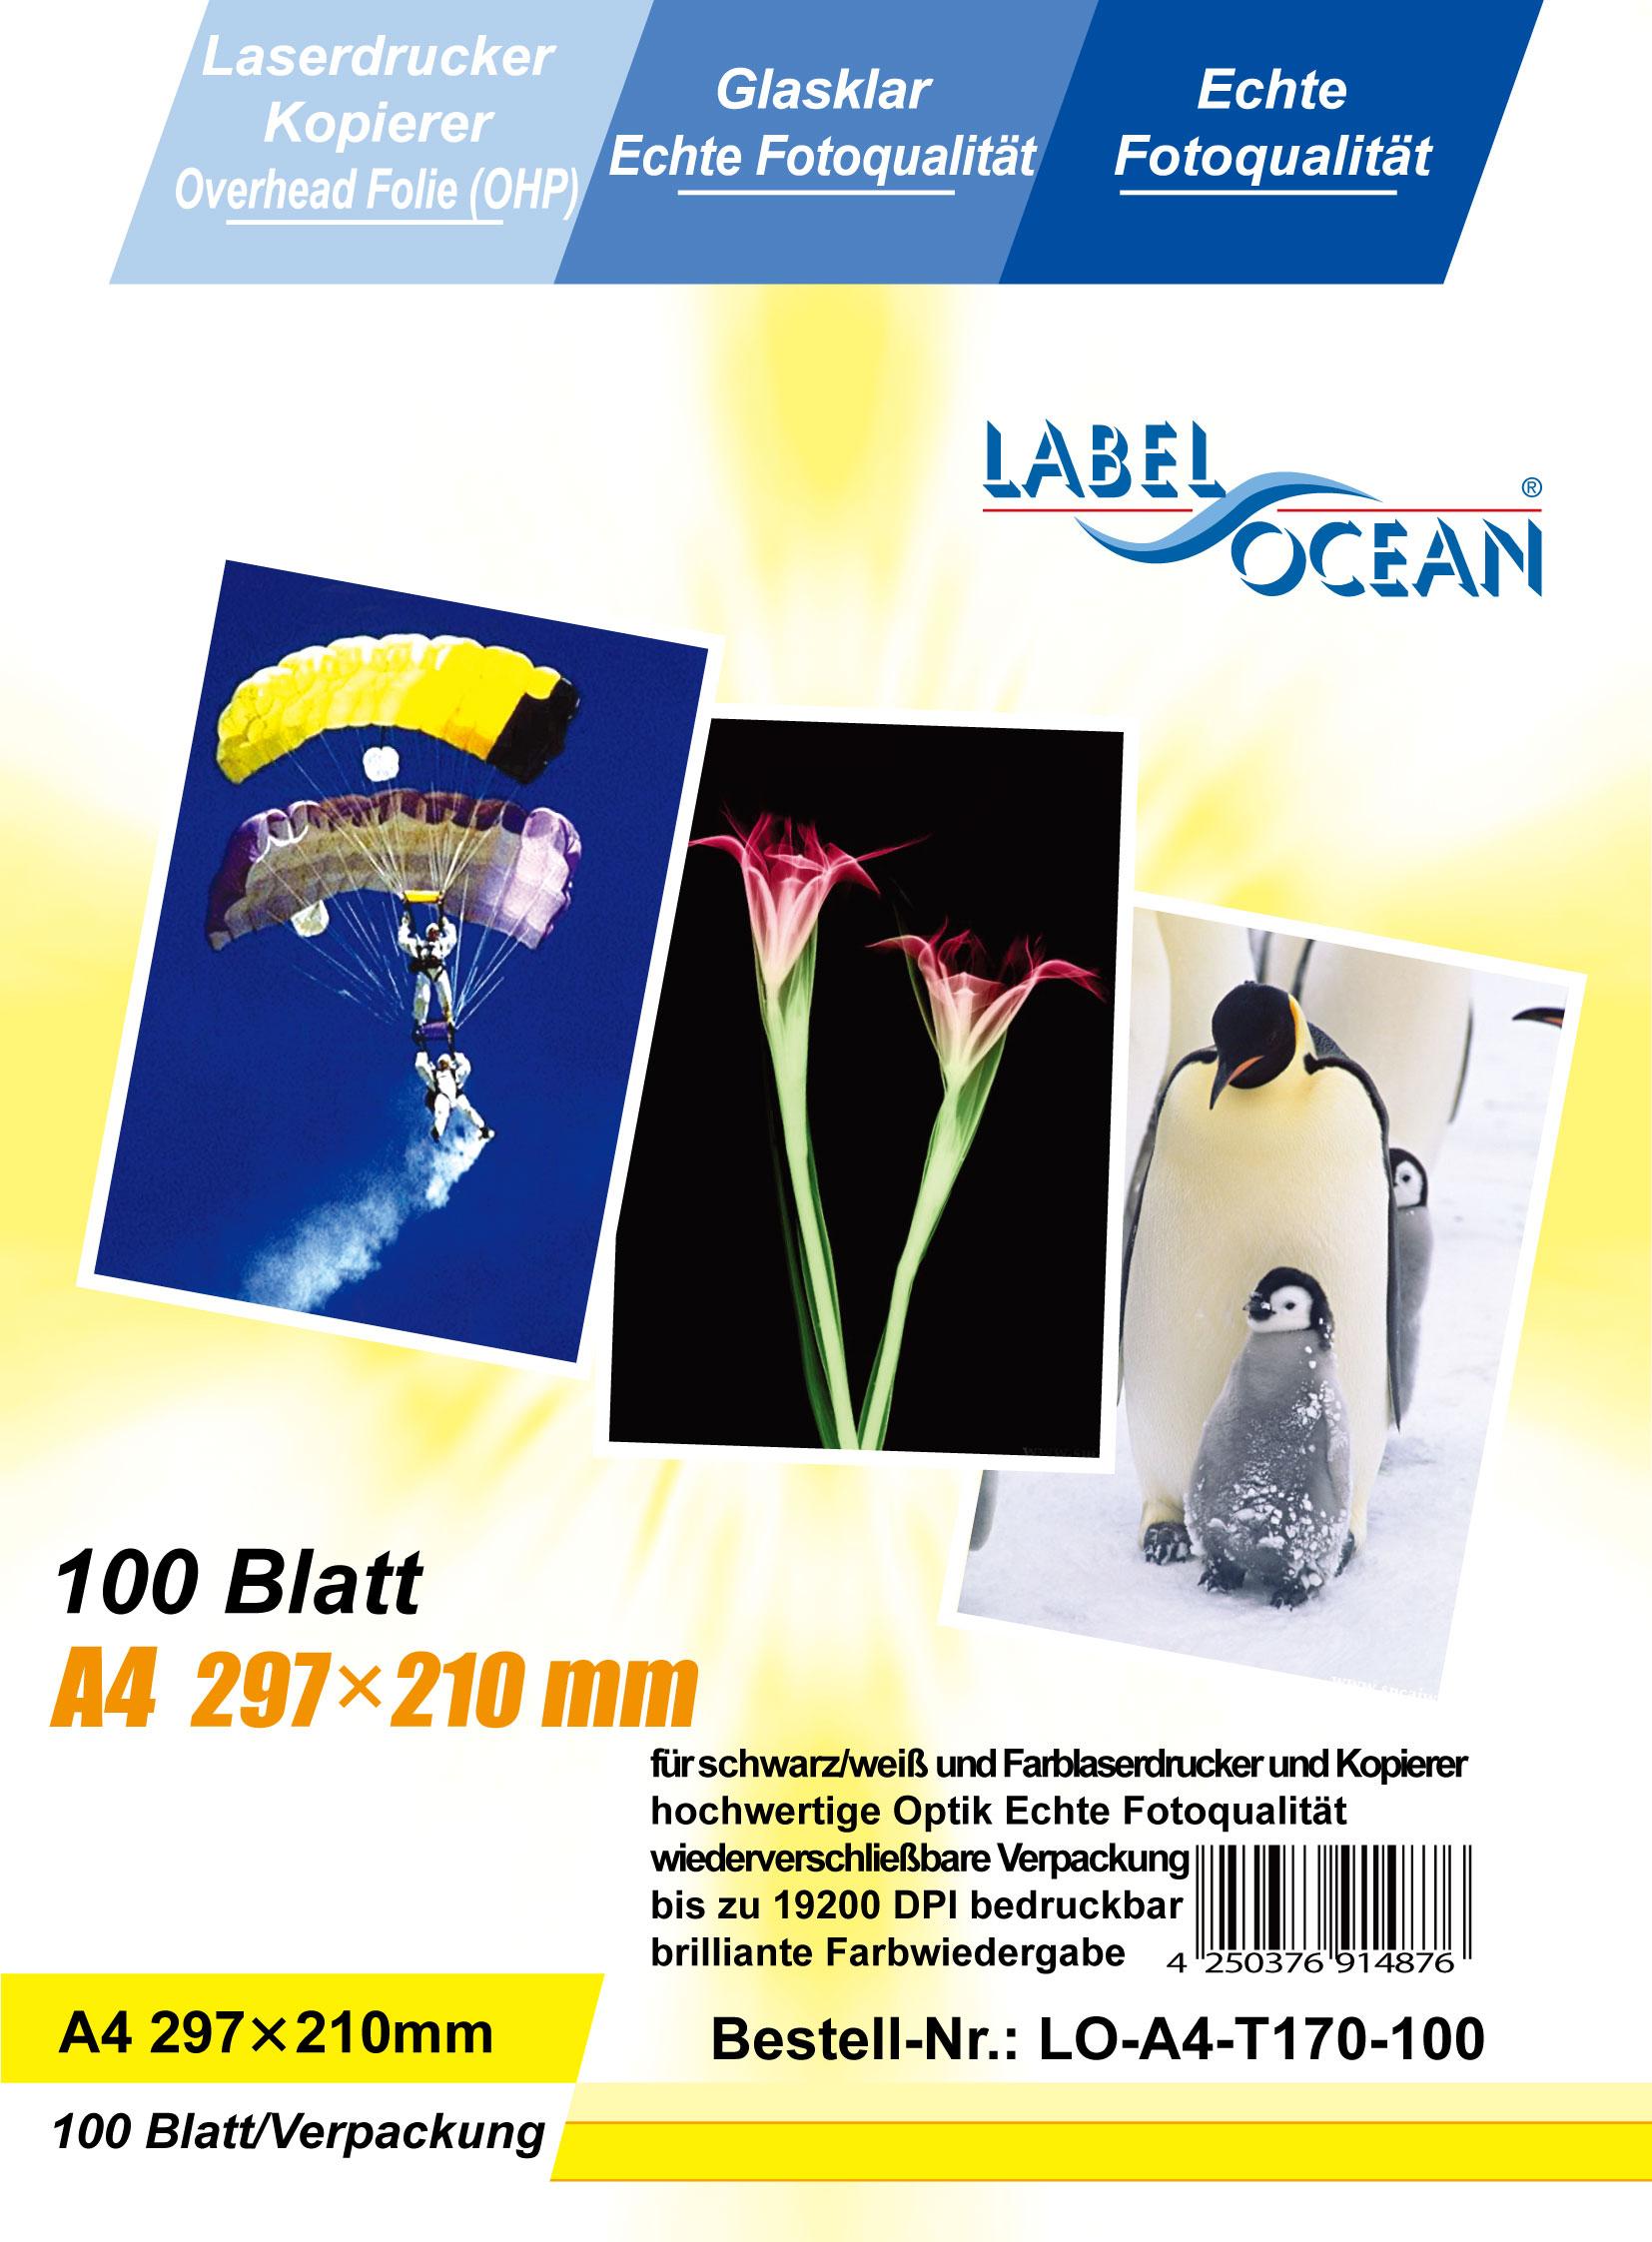 100 Bl.A4 Overheadfolien Overhead OHP Folie Laserdrucker von LabelOcean